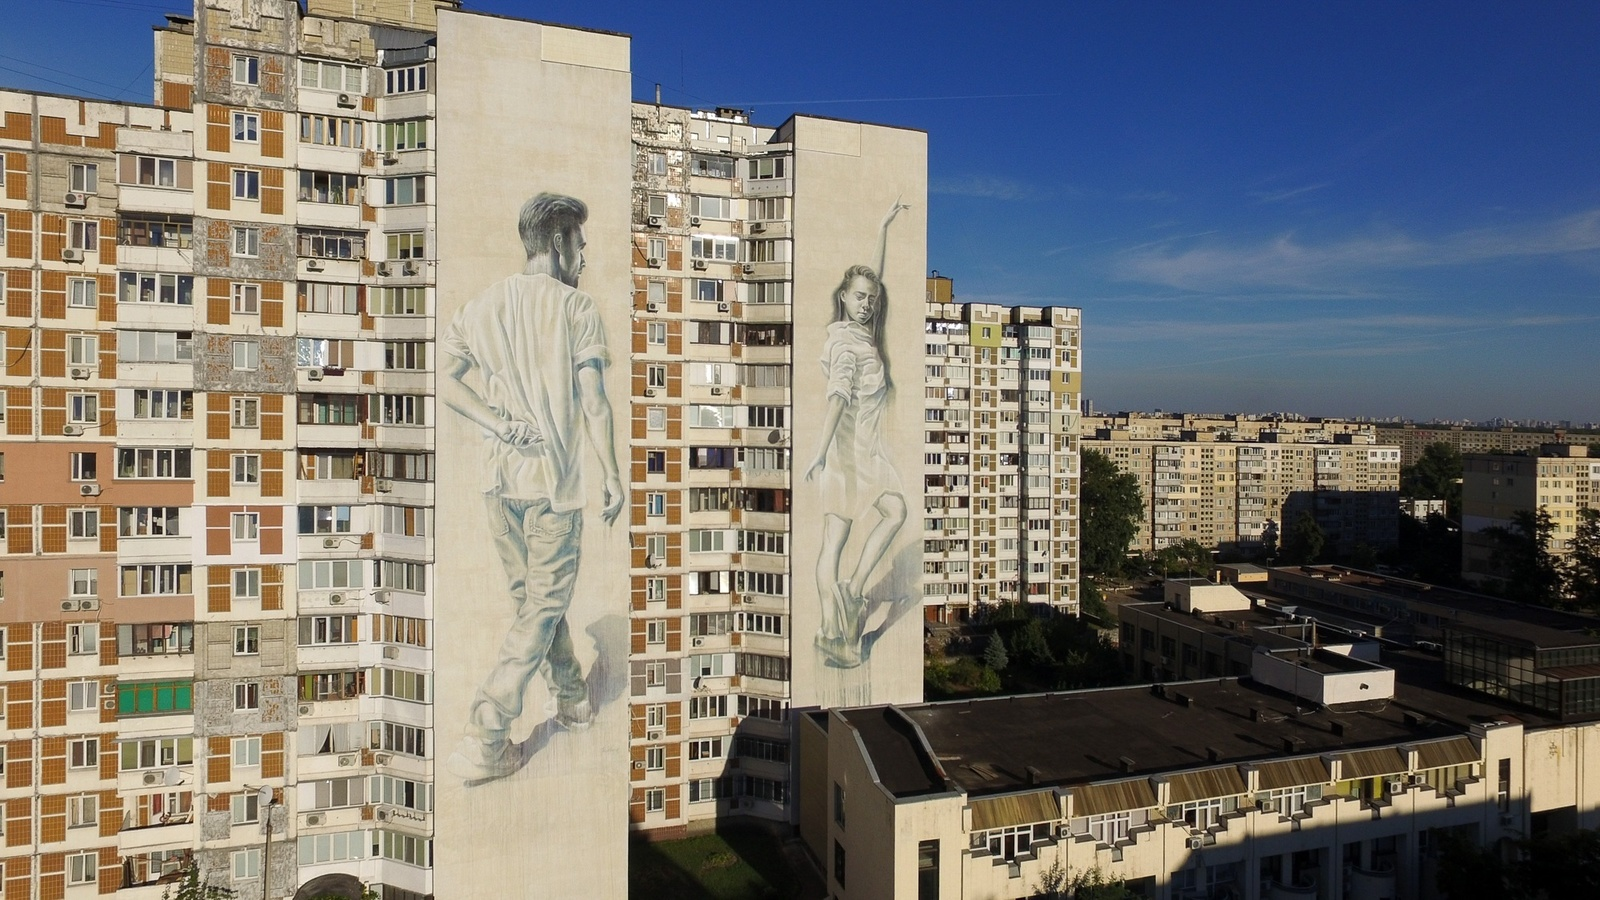 город, граффити, дома, мысль, украина